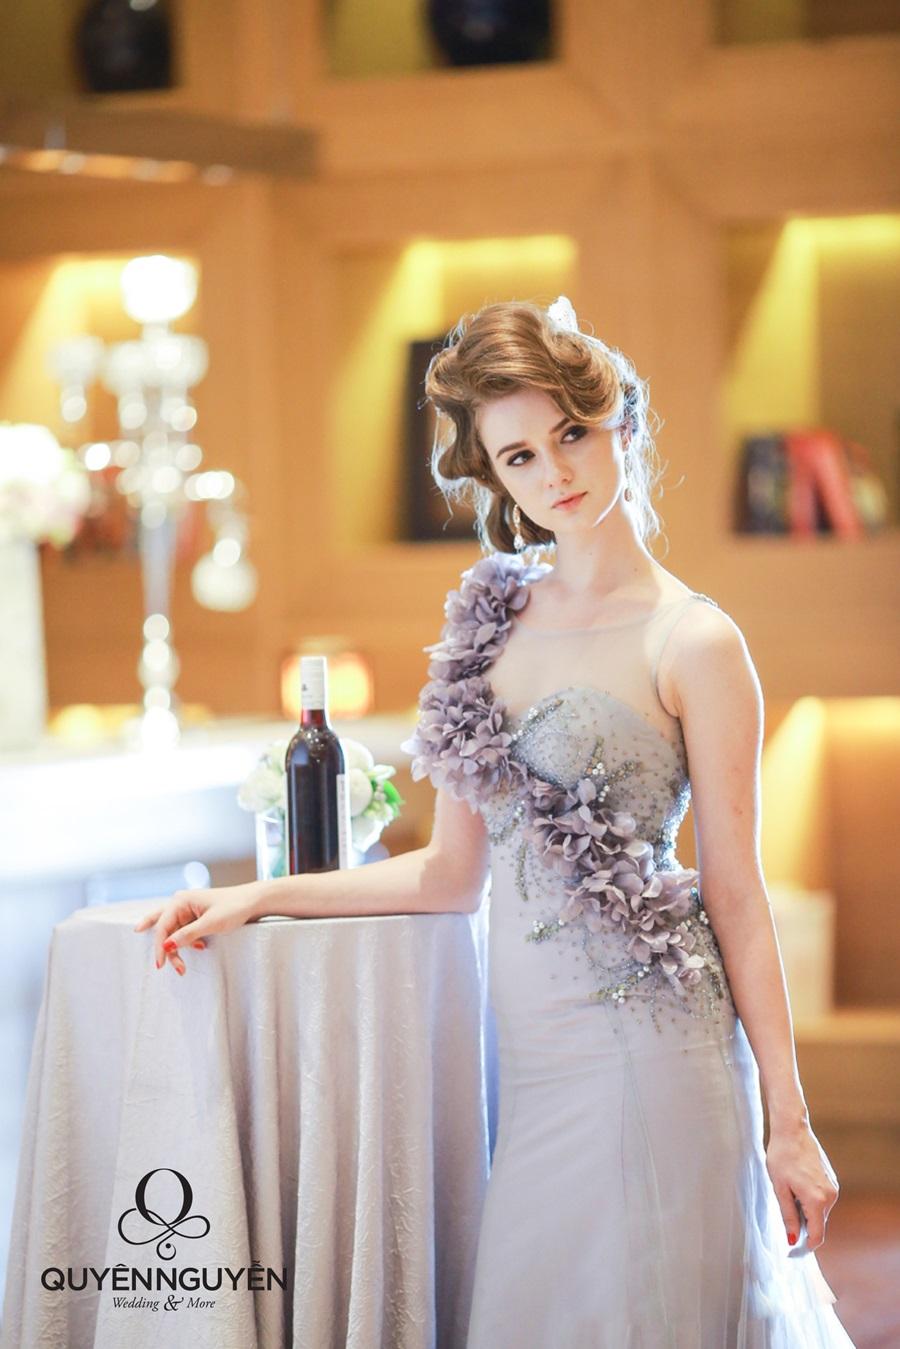 Váy cưới màu xám xanh